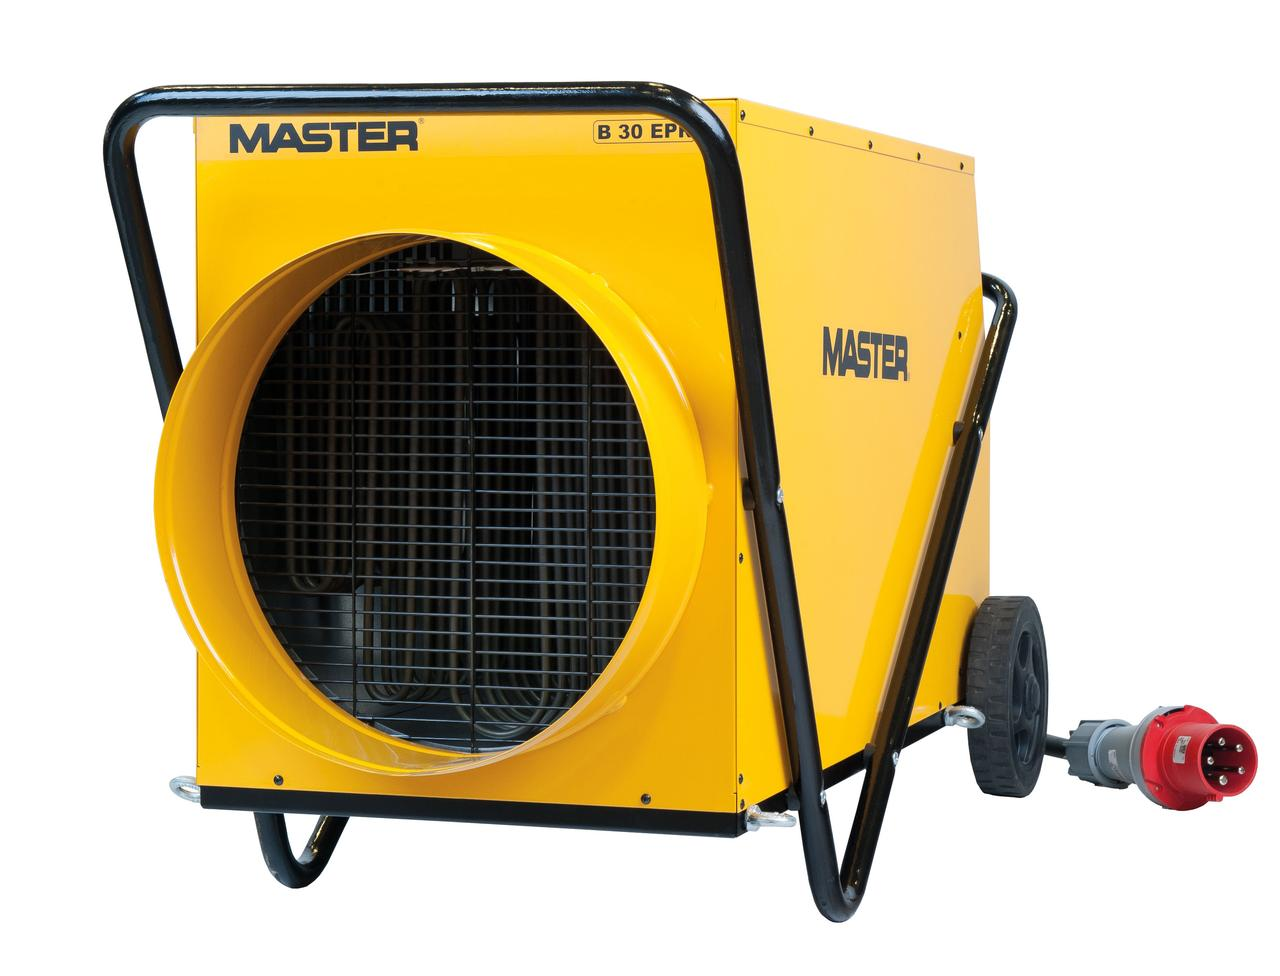 Тепловой нагреватель MASTER B 30 EPR